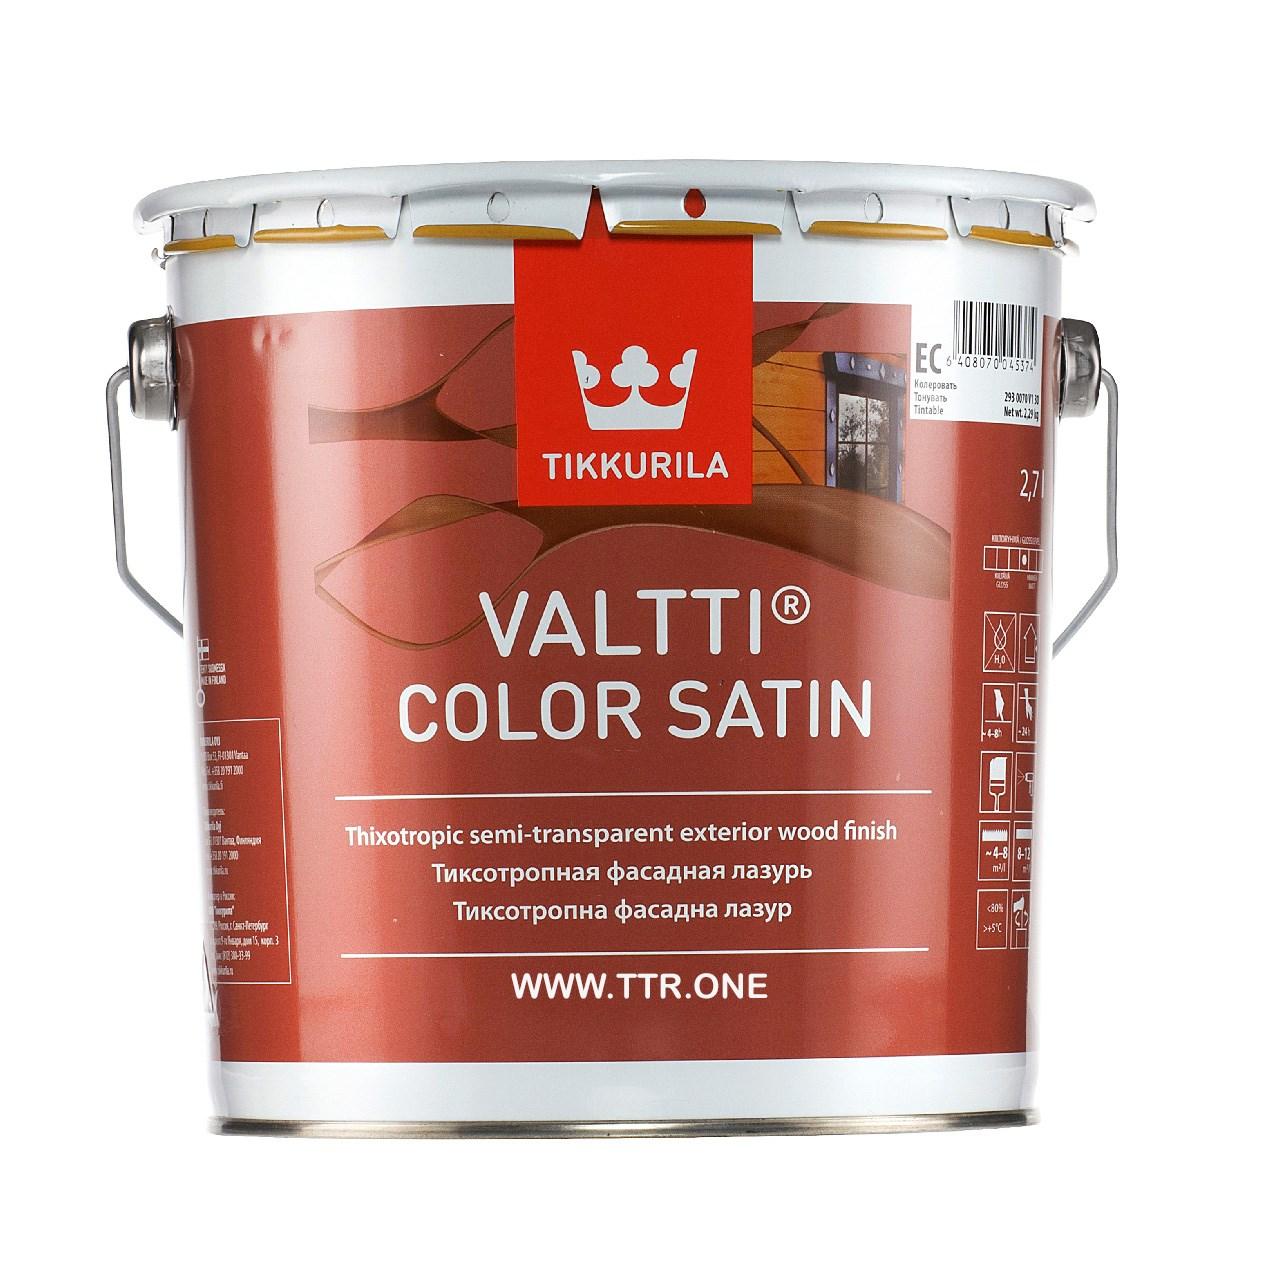 رنگ پایه روغن تیکوریلا مدل Valtti Color Satin 5063 حجم 3 لیتر